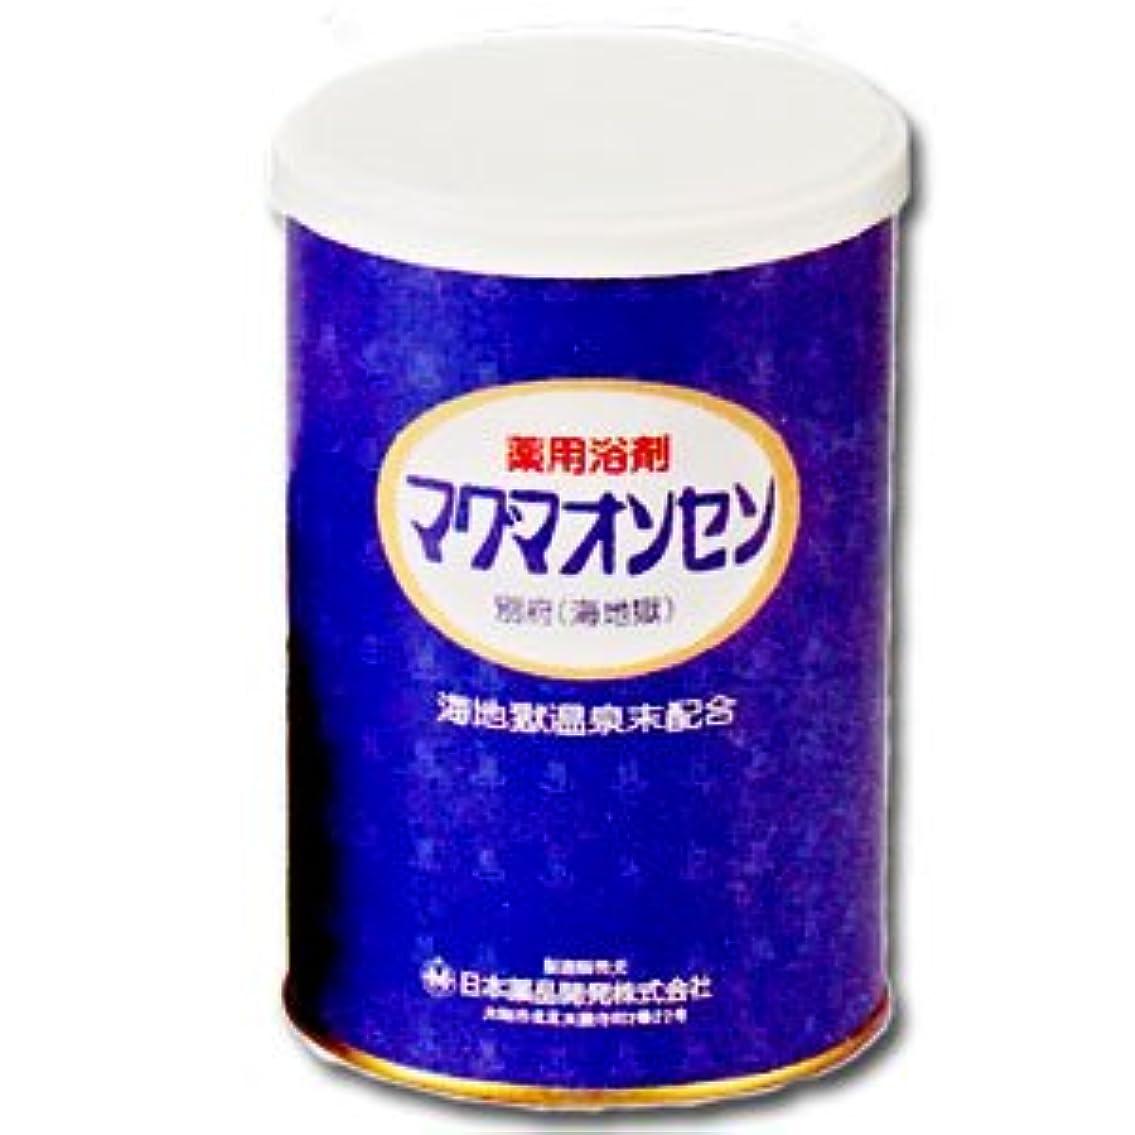 好きである暴露する代わりにを立てる薬用入浴剤 マグマオンセン(医薬部外品)500g